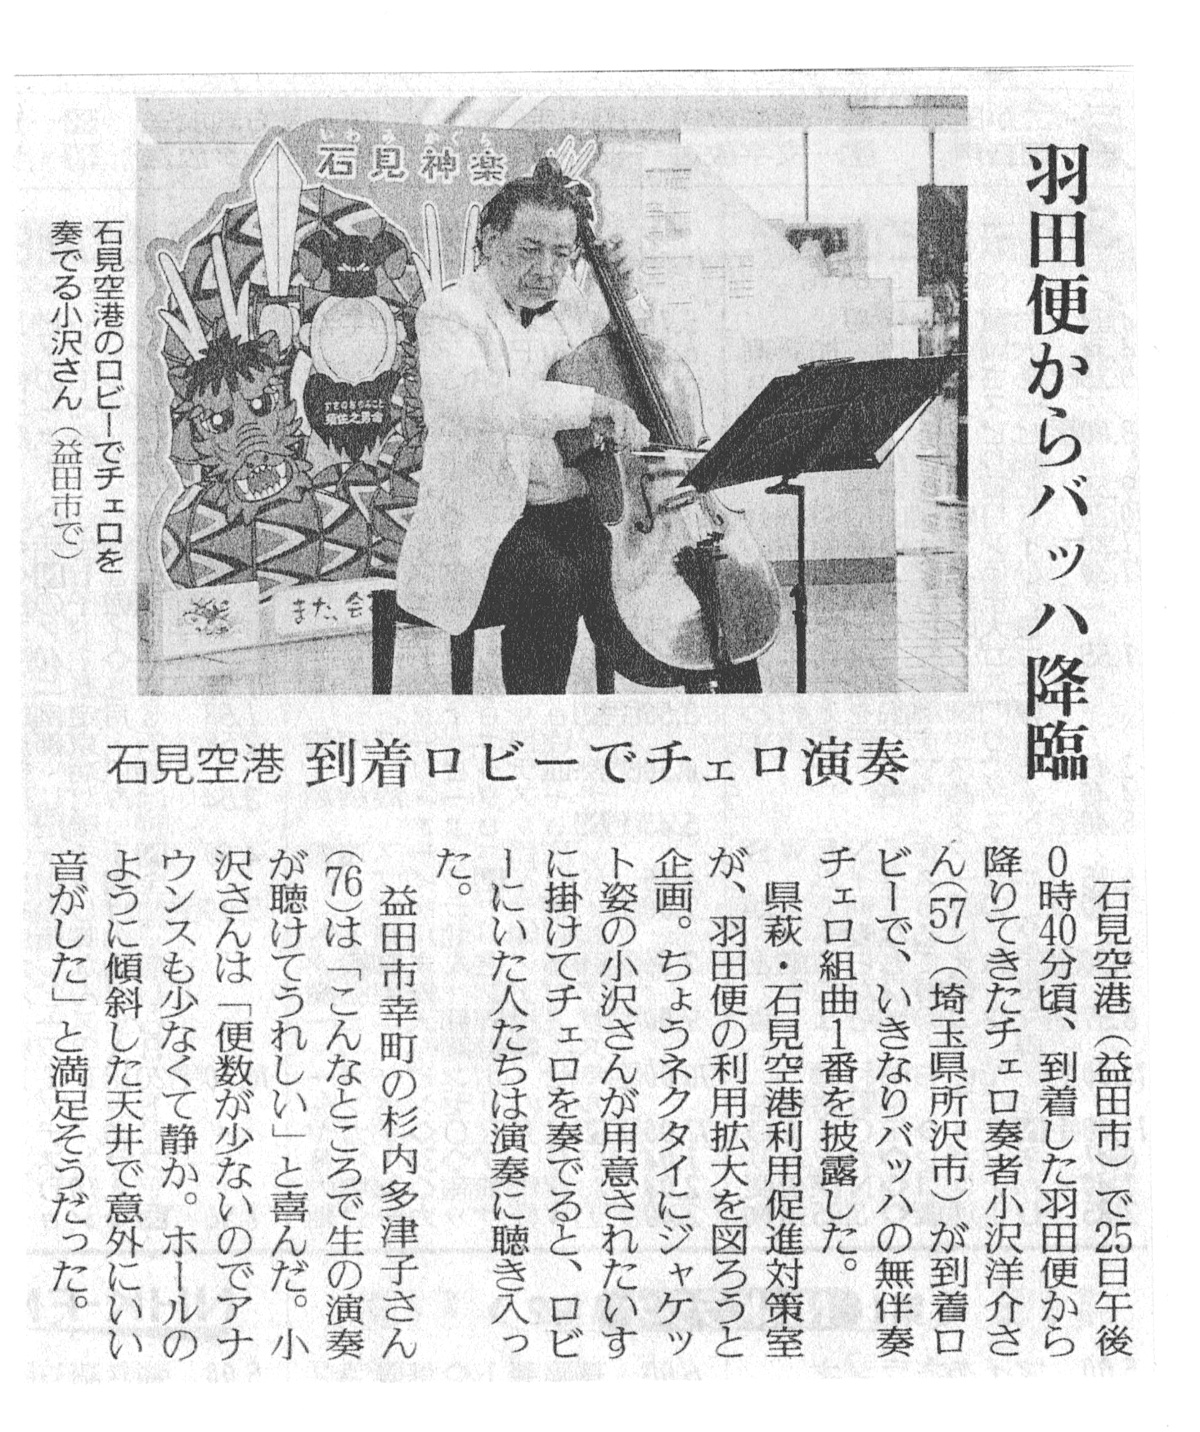 180625萩・石見空港ロビー_小澤洋介チェロ演奏